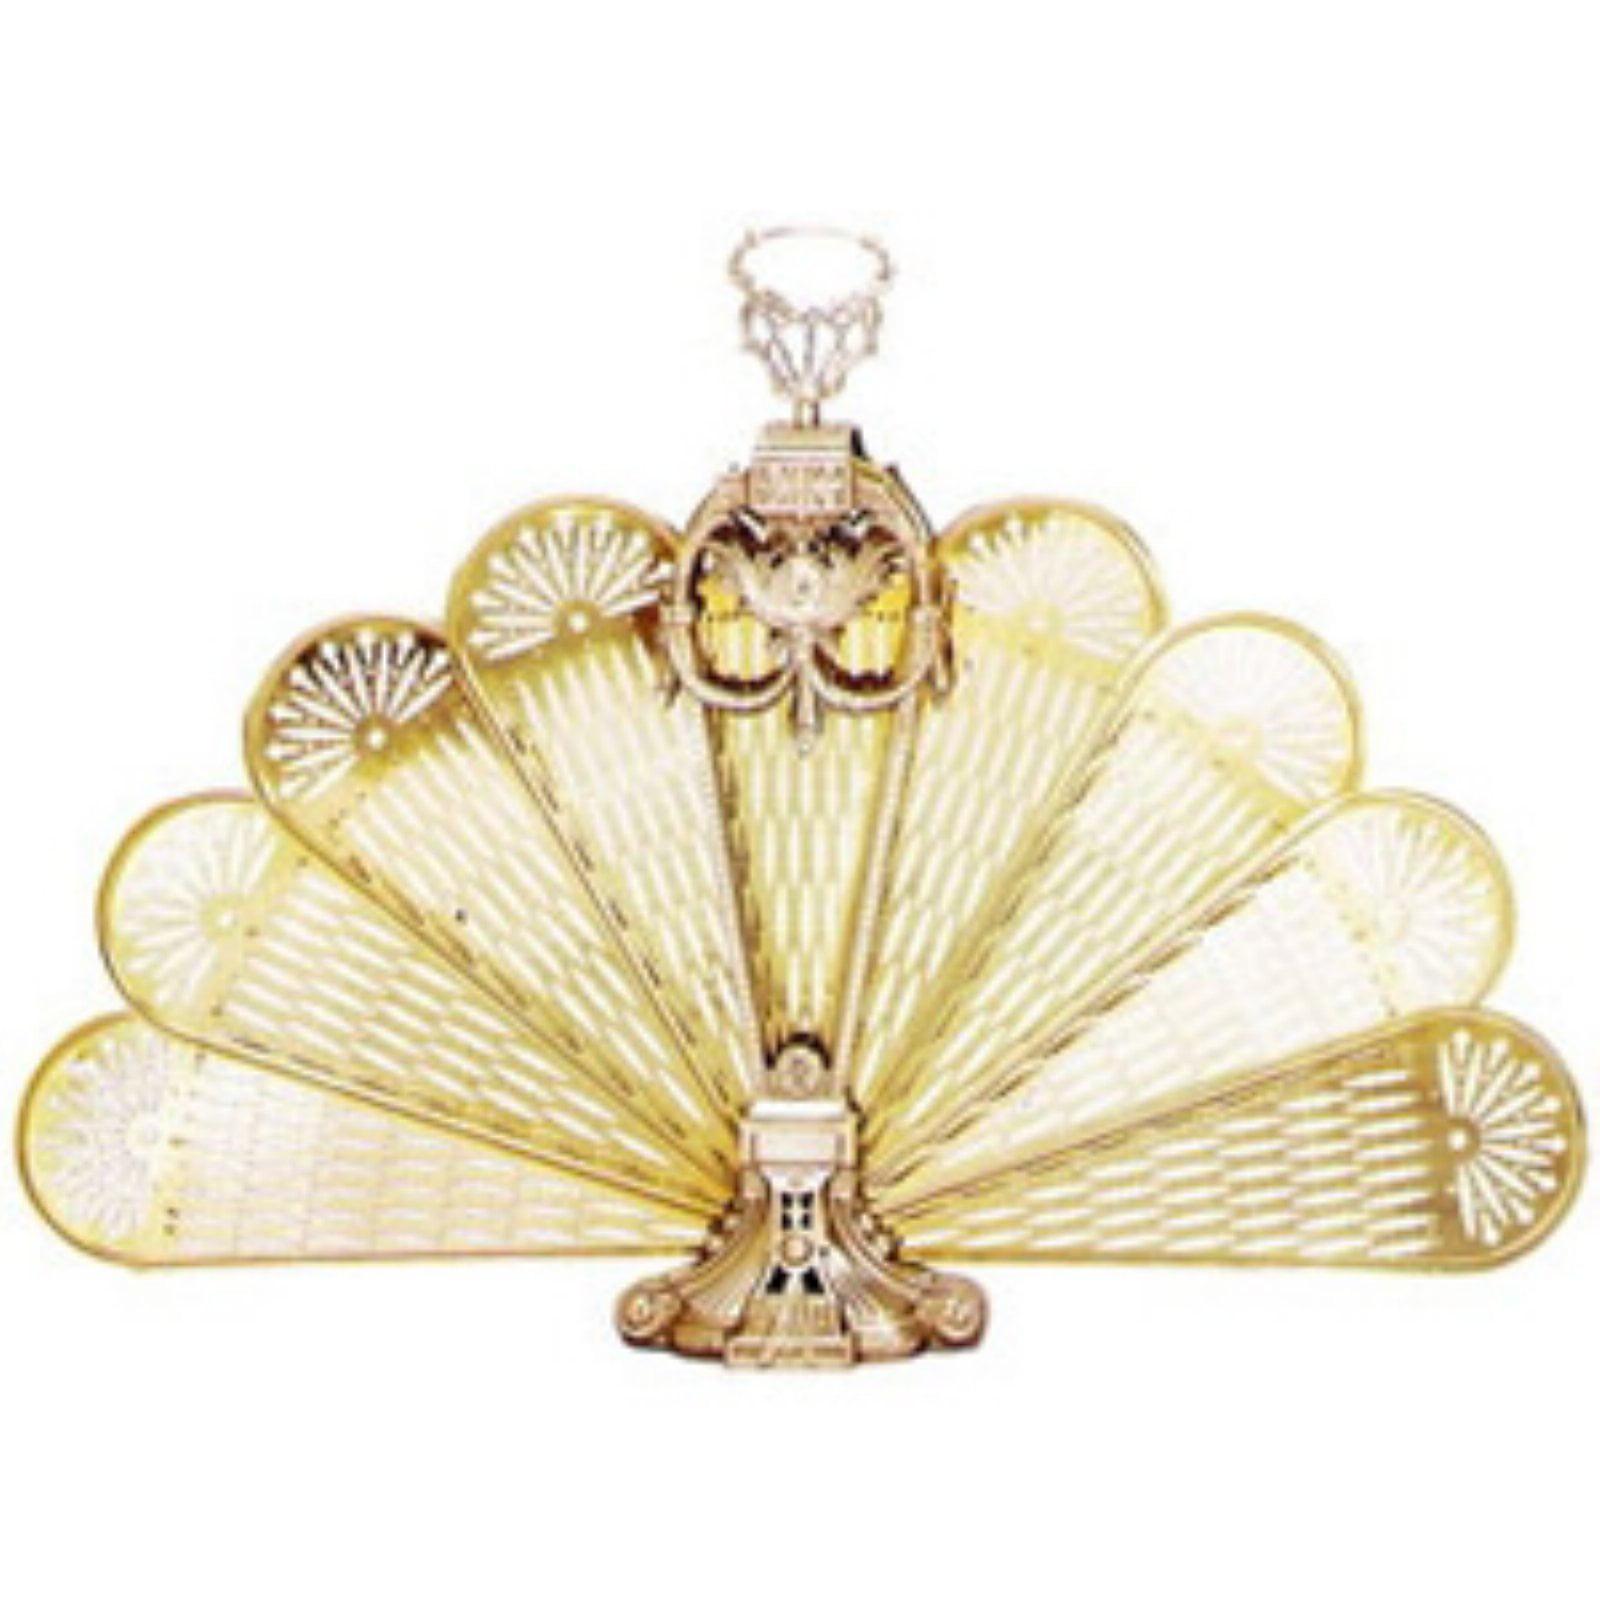 Uniflame Single Panel Polished Brass Ornate Fan Fireplace Screen